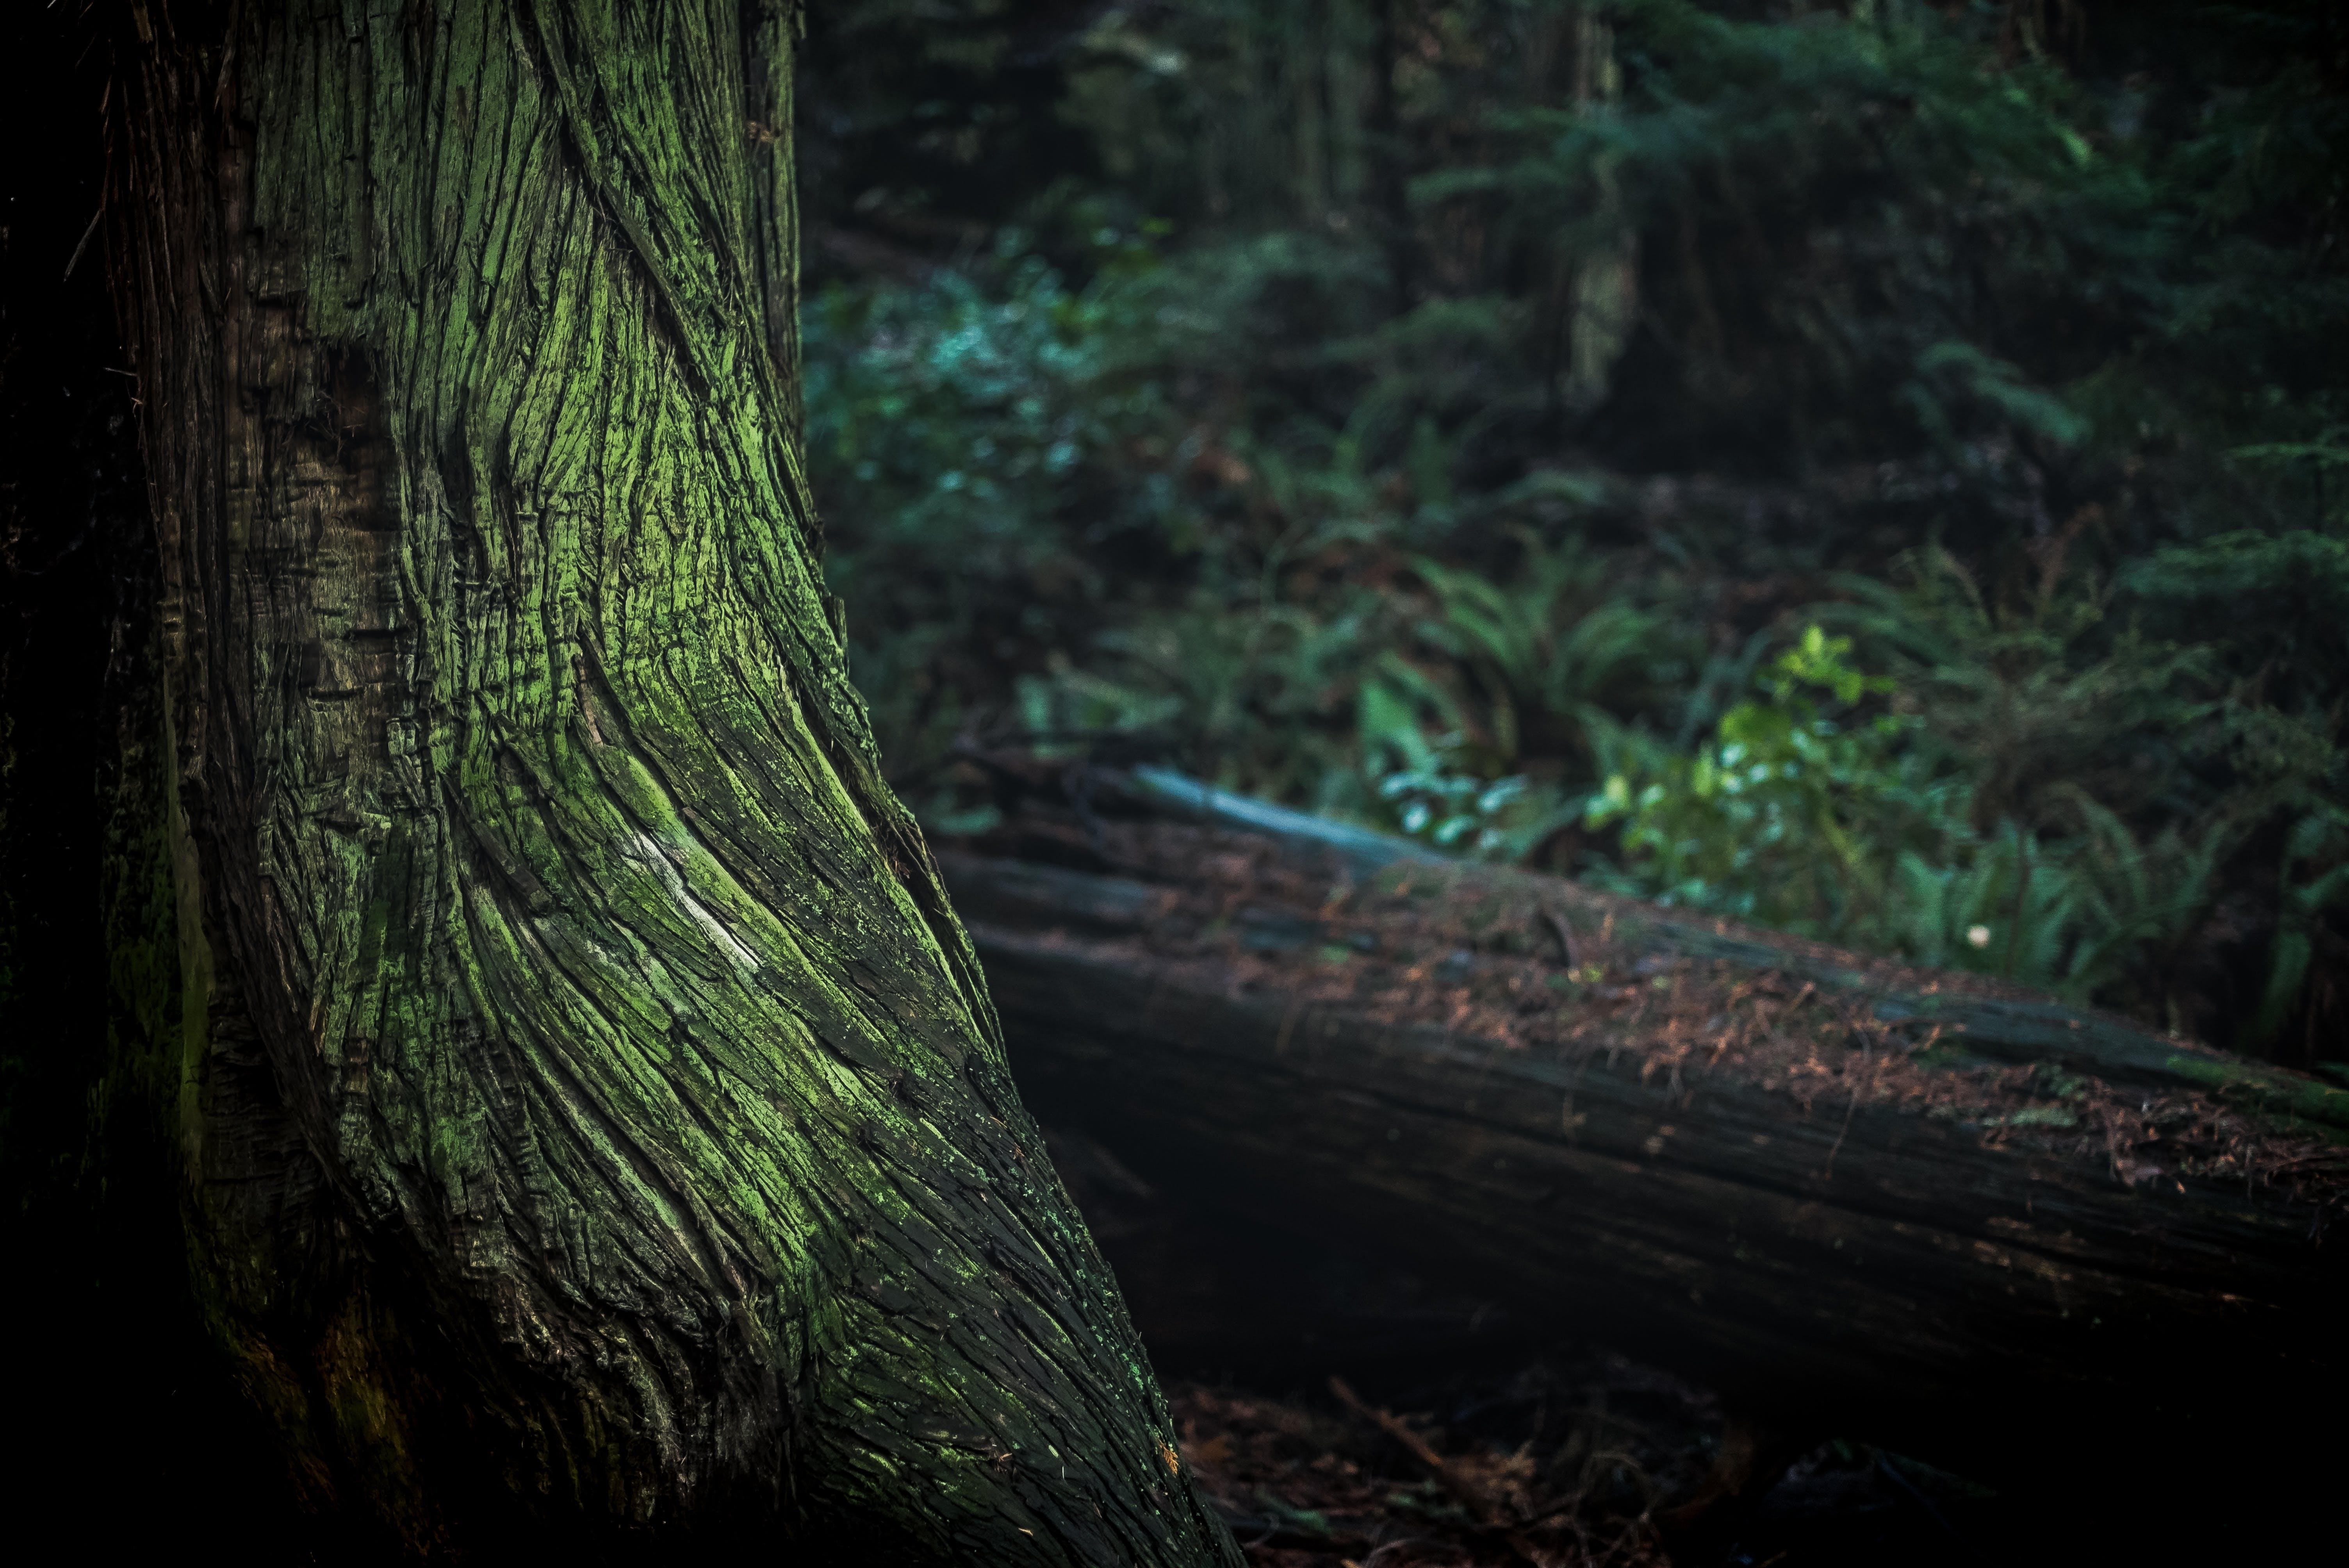 Základová fotografie zdarma na téma denní světlo, fotografie přírody, kmen, kmeny stromů